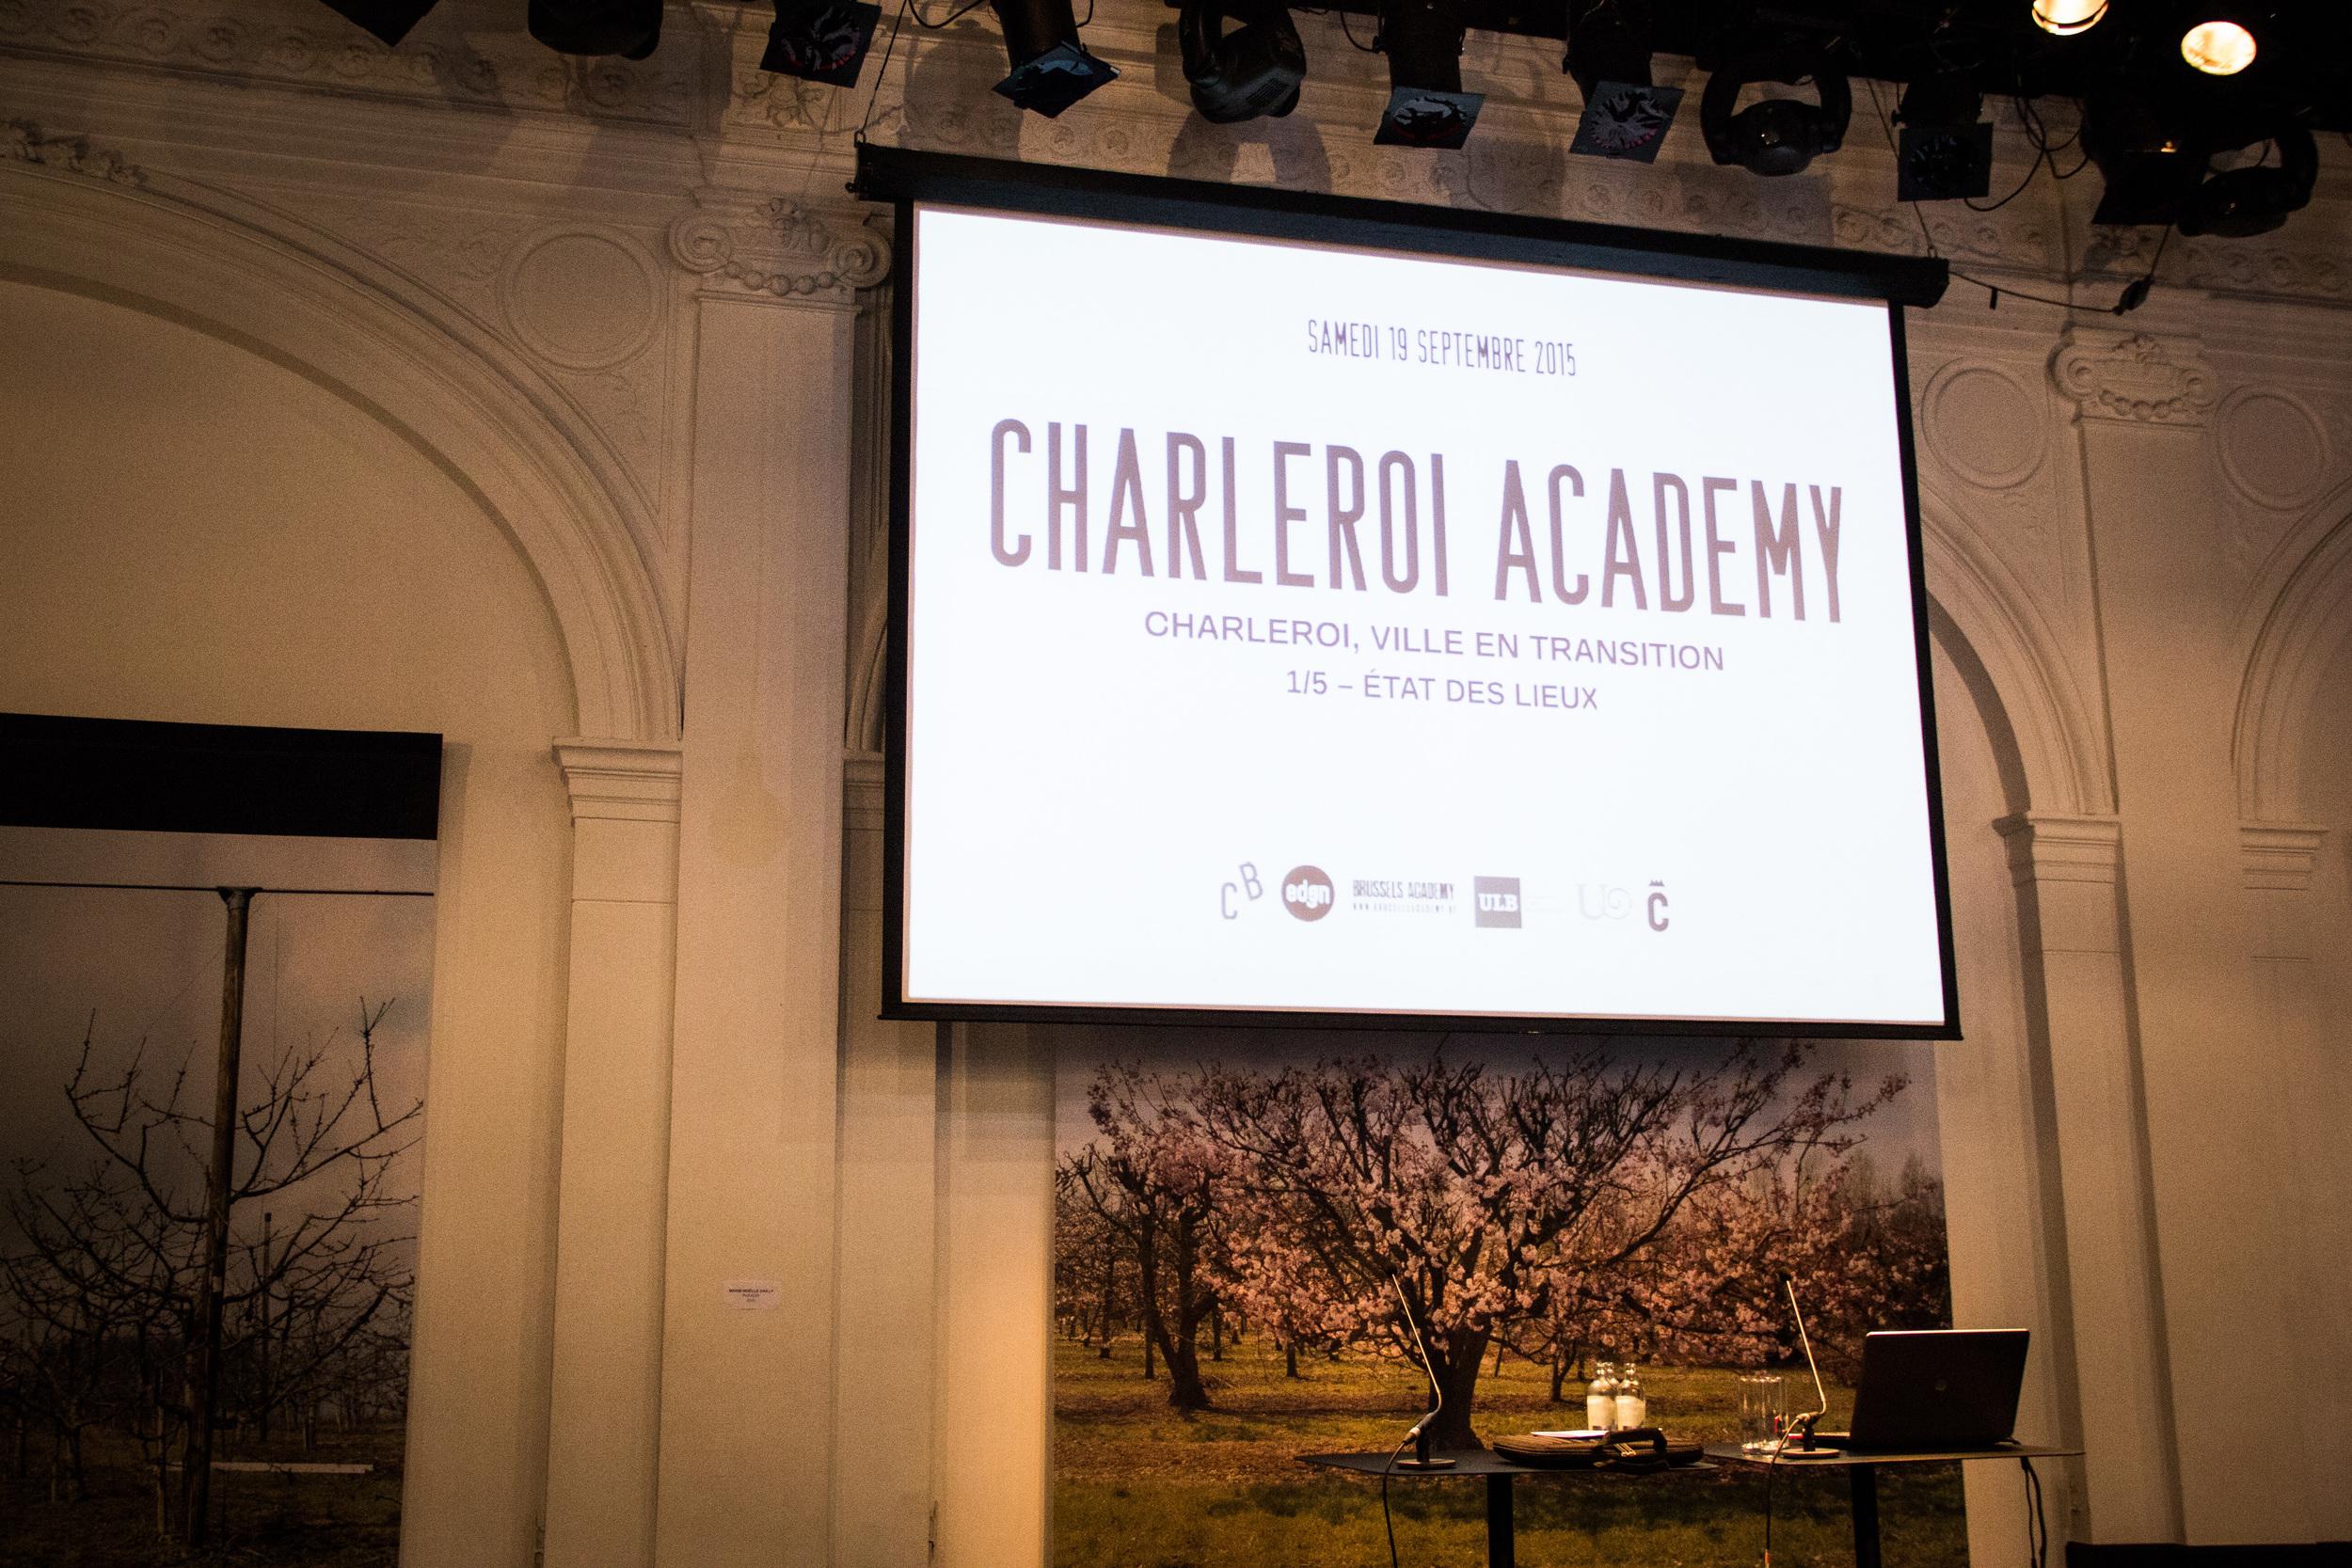 CHARLEROI ACADEMY   Charleroi Academy est un cycle de cinq rencontres organisées par Charleroi Bouwmeester, l'EDEN, Brussels Academy, la Faculté d'Architecture de ULB, l'Université Ouverte et la Ville de Charleroi.   charleroi-academy.be